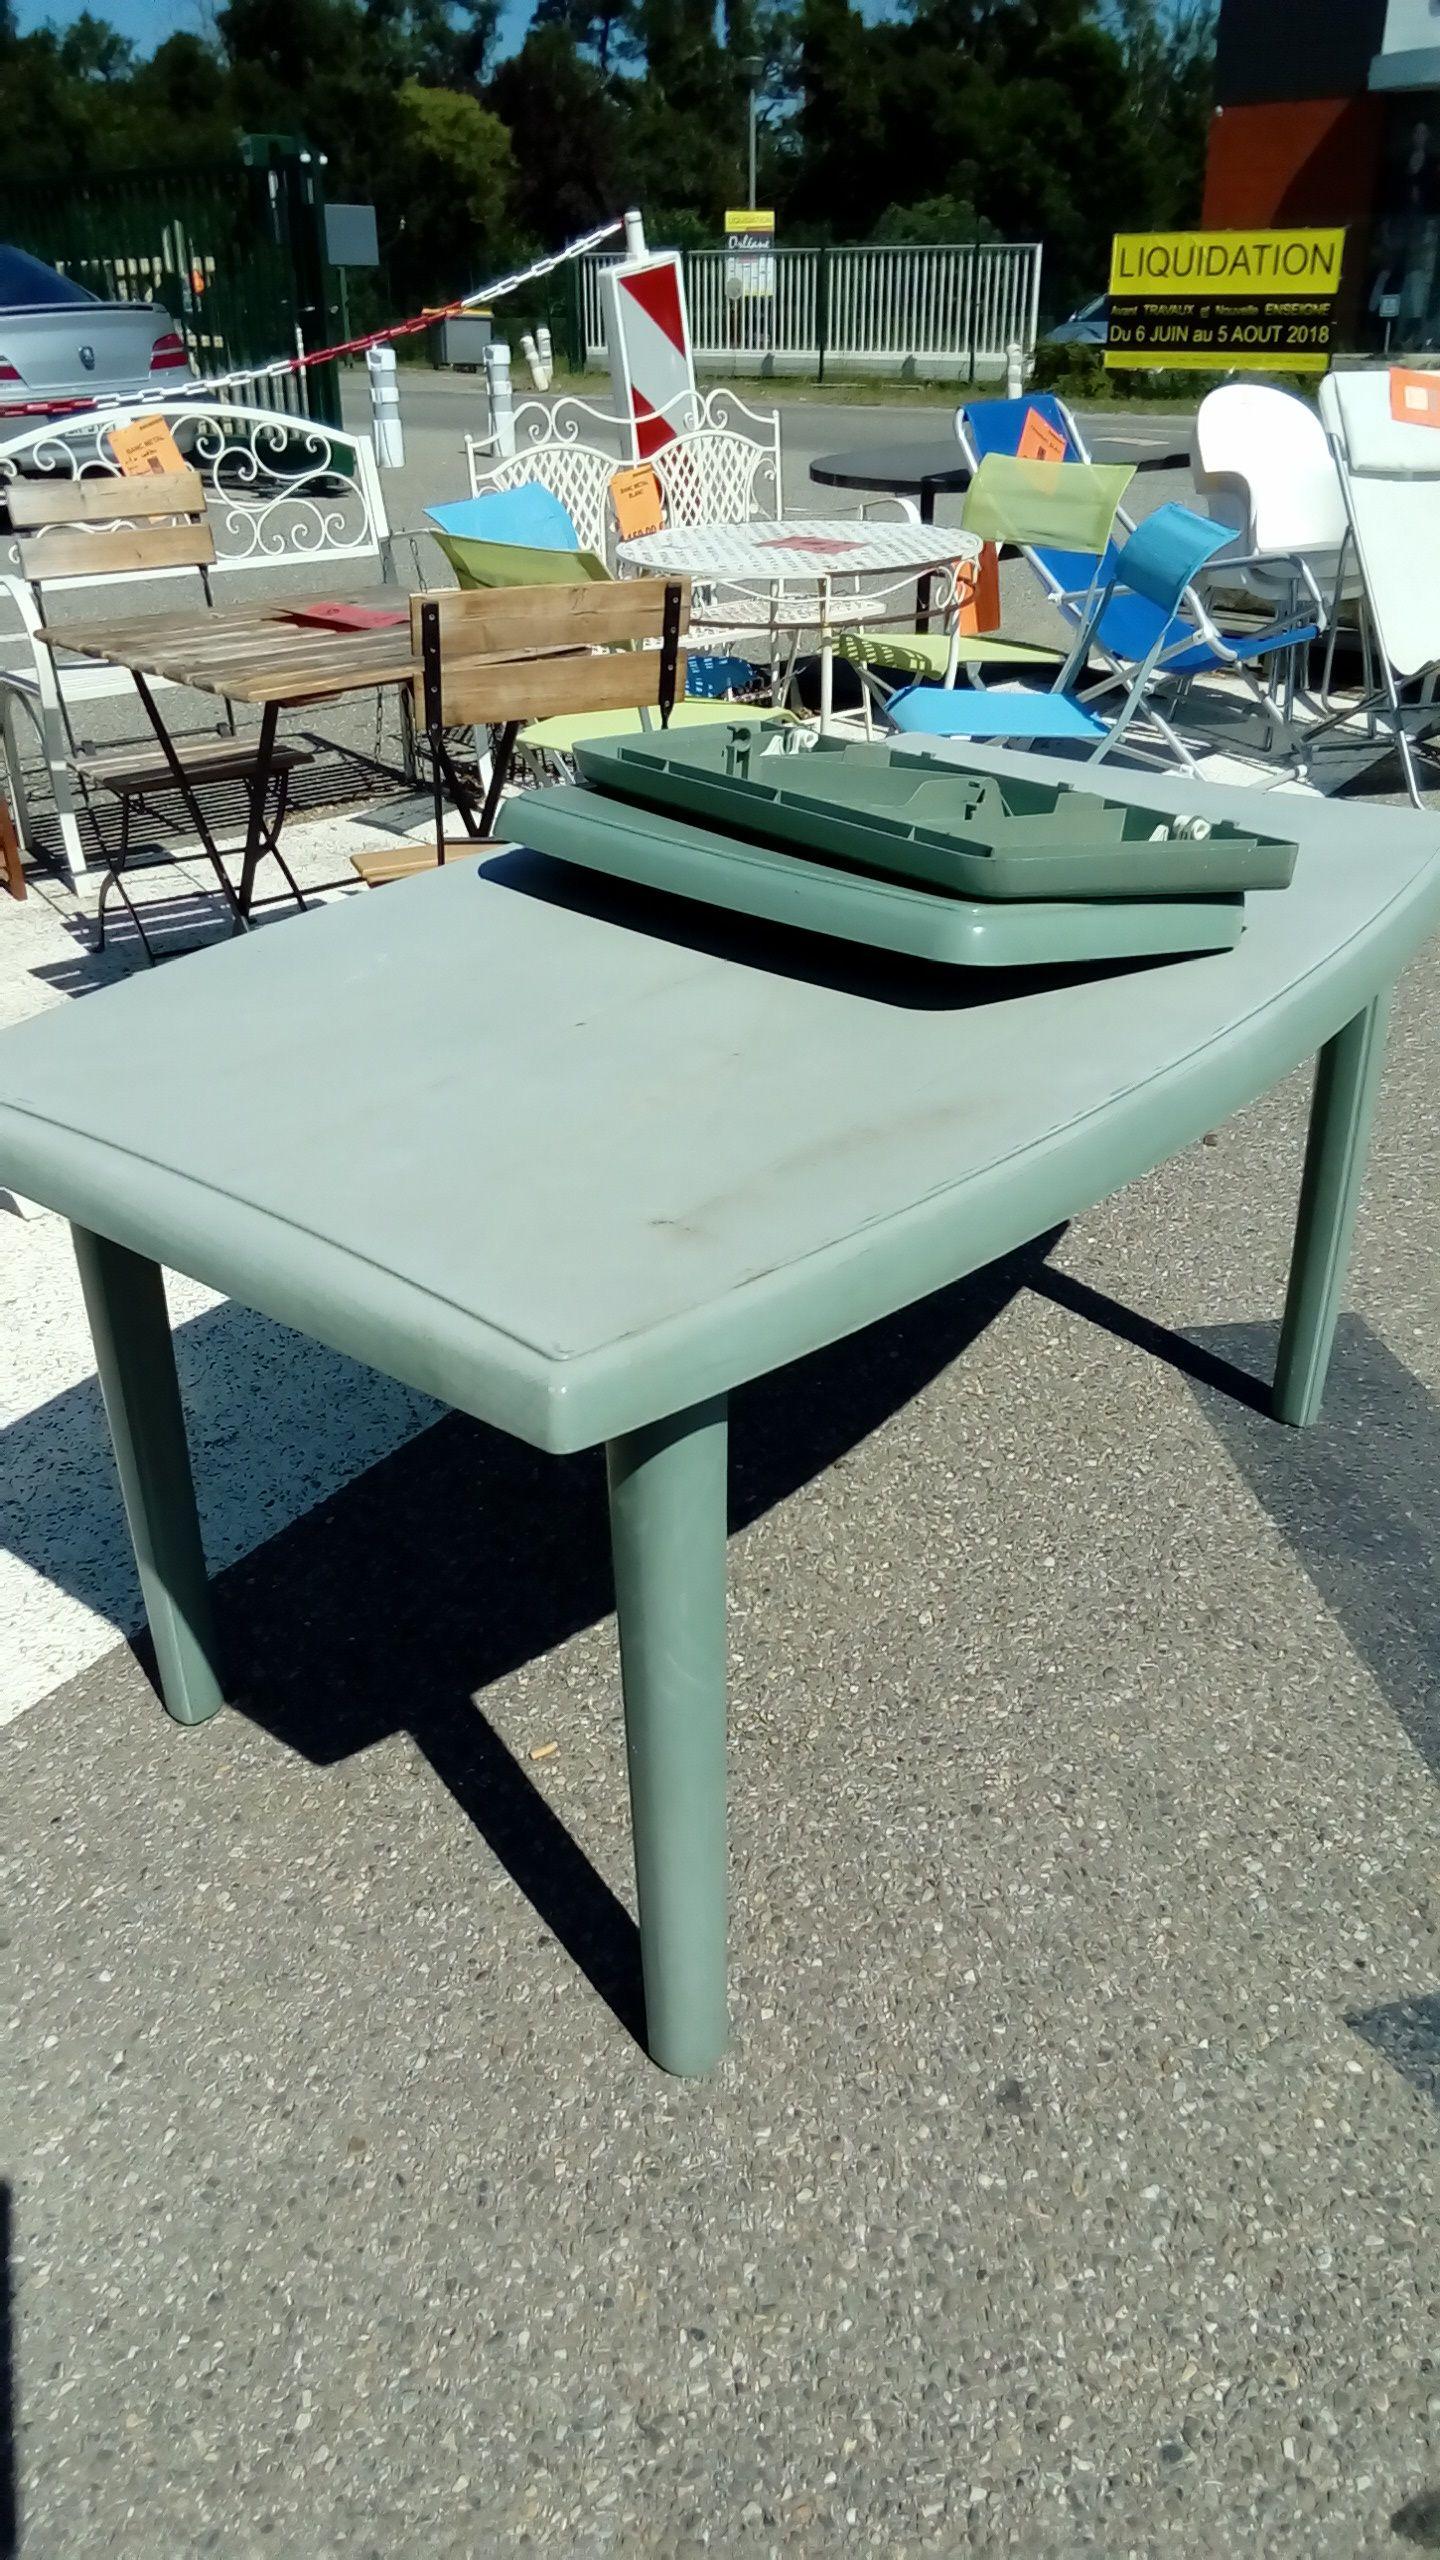 TABLE DE JARDIN +8 CHAISES PVC VERT occasion - Troc Richwiller